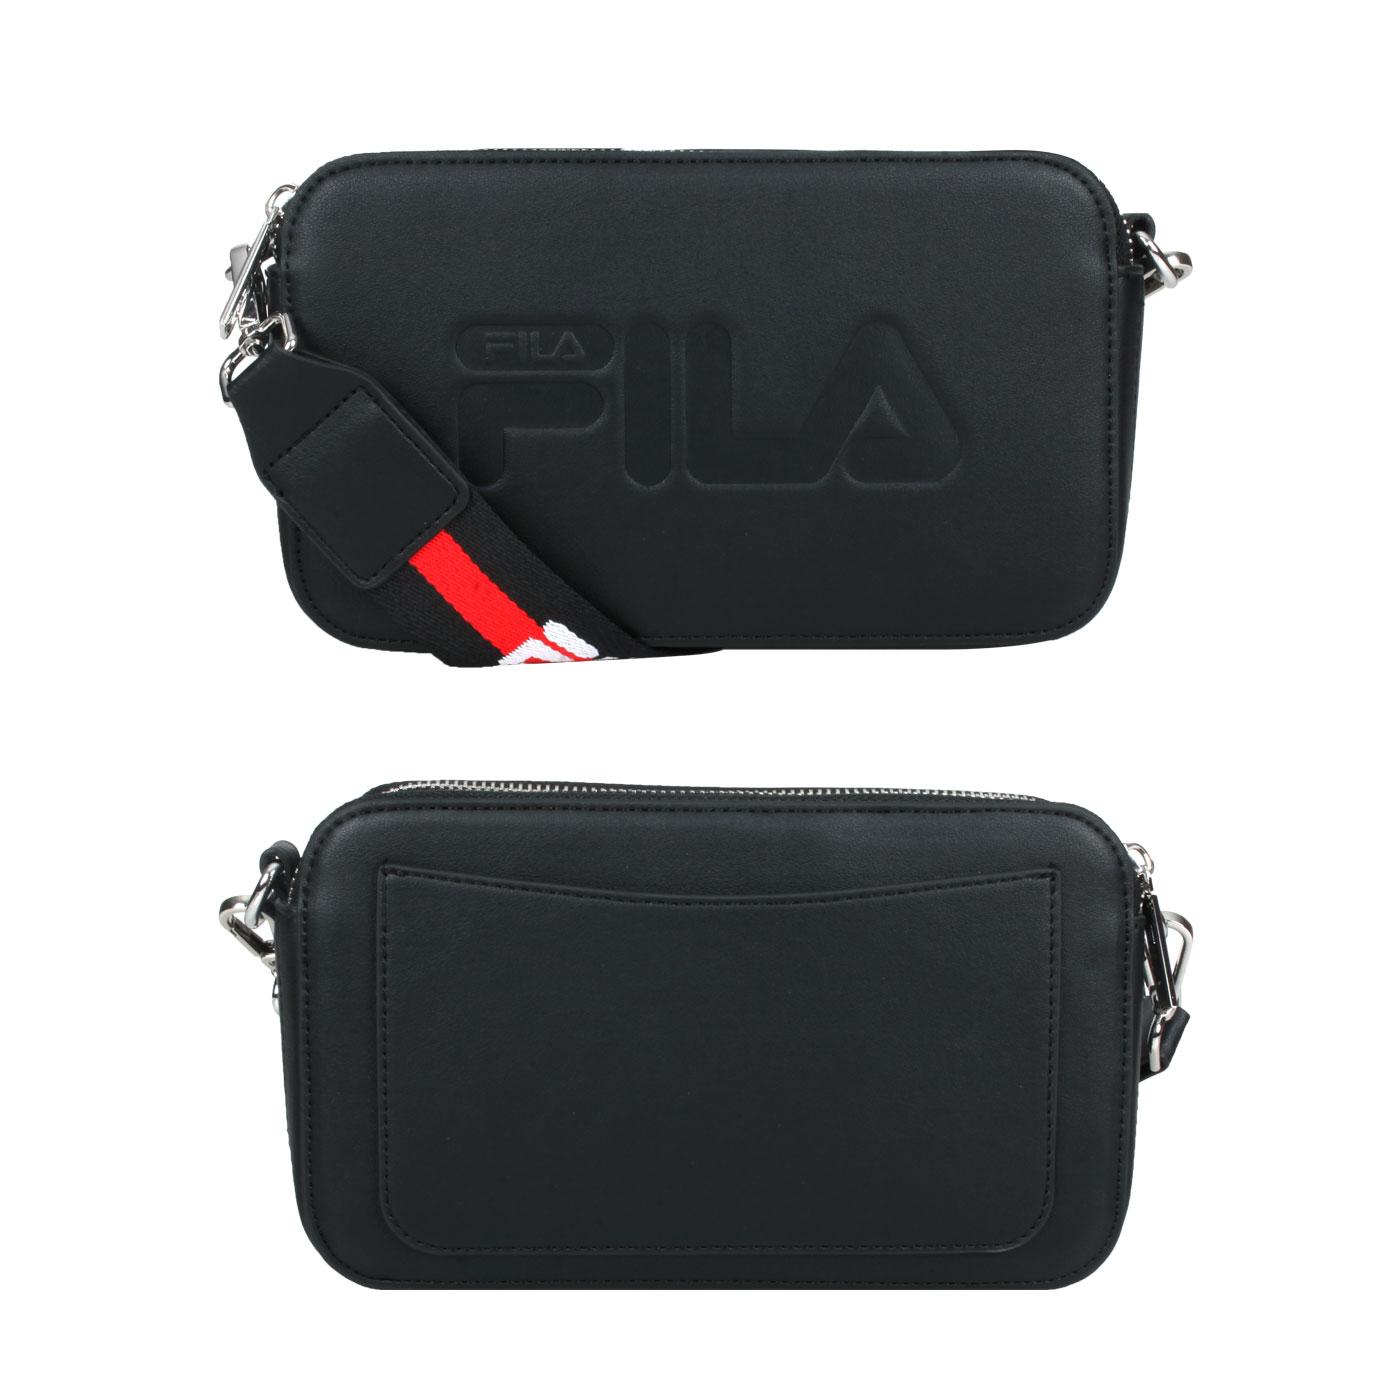 FILA 背帶相機包 BMV-3015-BK